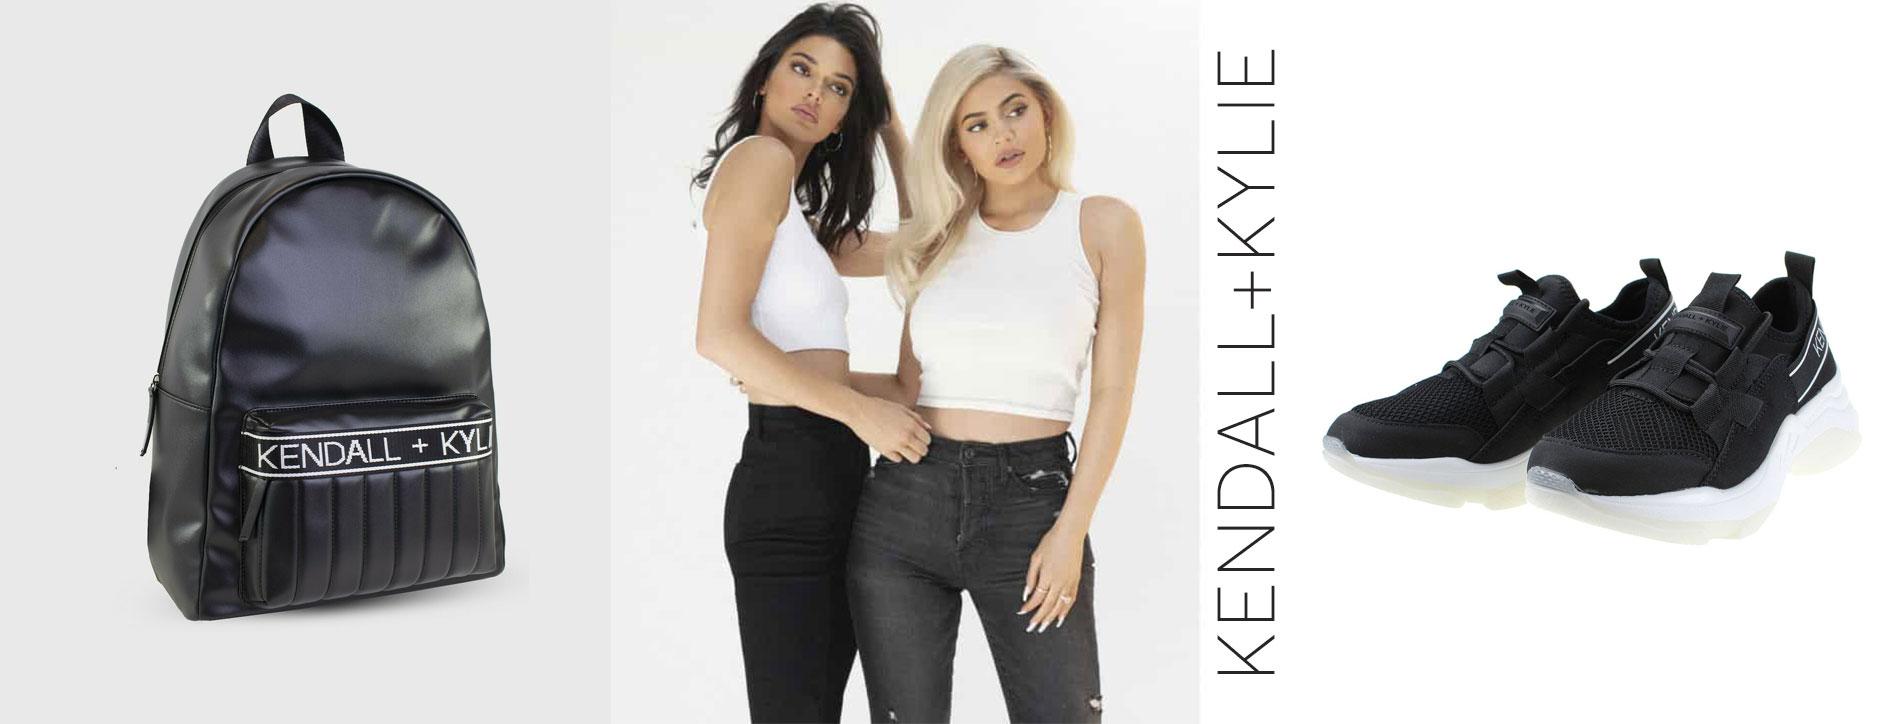 Kendallkylie